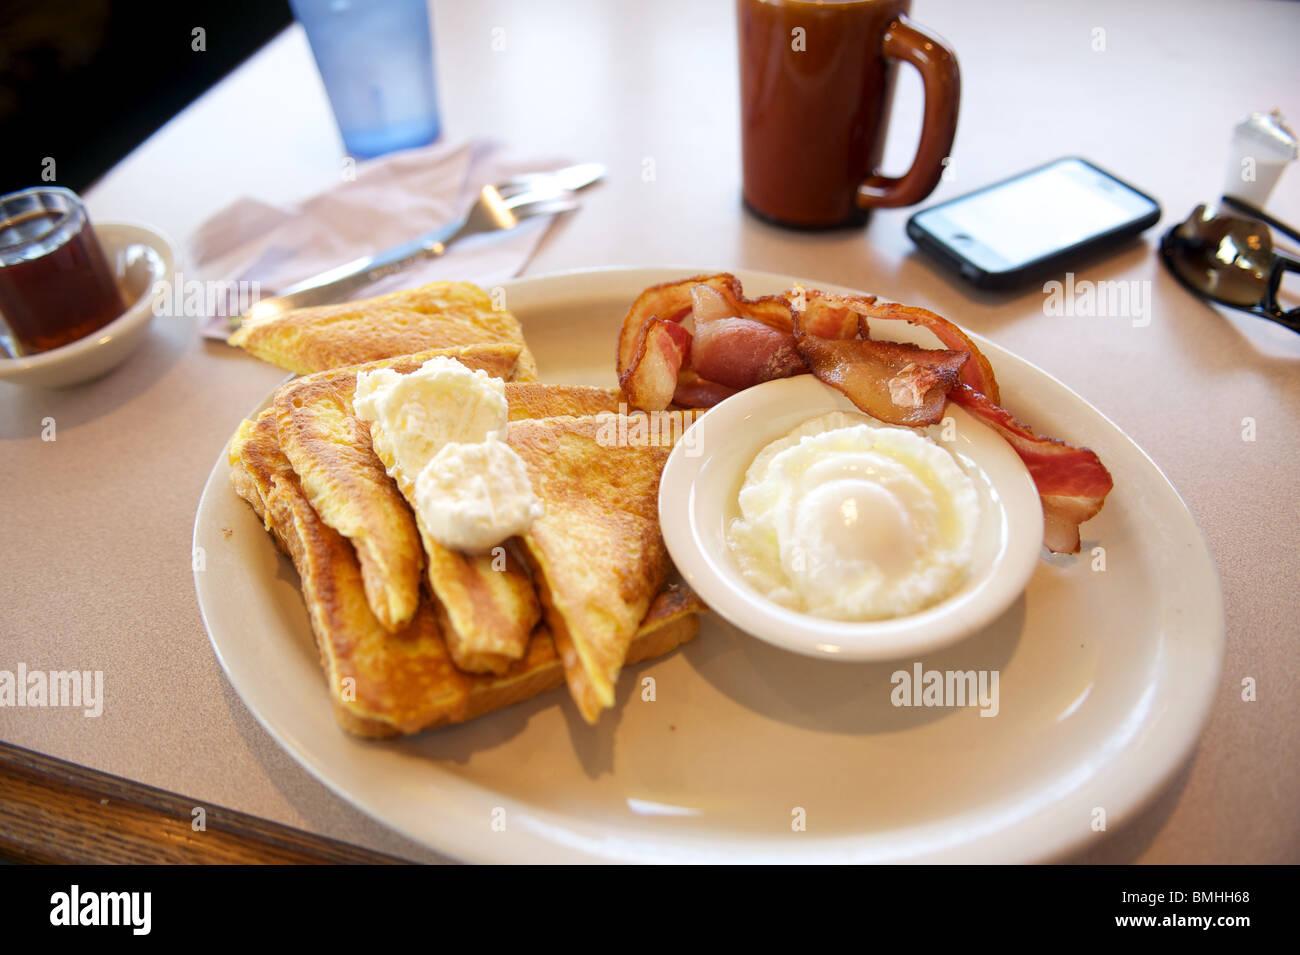 La autopista truck stop desayuno. Tostadas francesas con tocino y huevos. Saliendo de la autopista interestatal Foto de stock